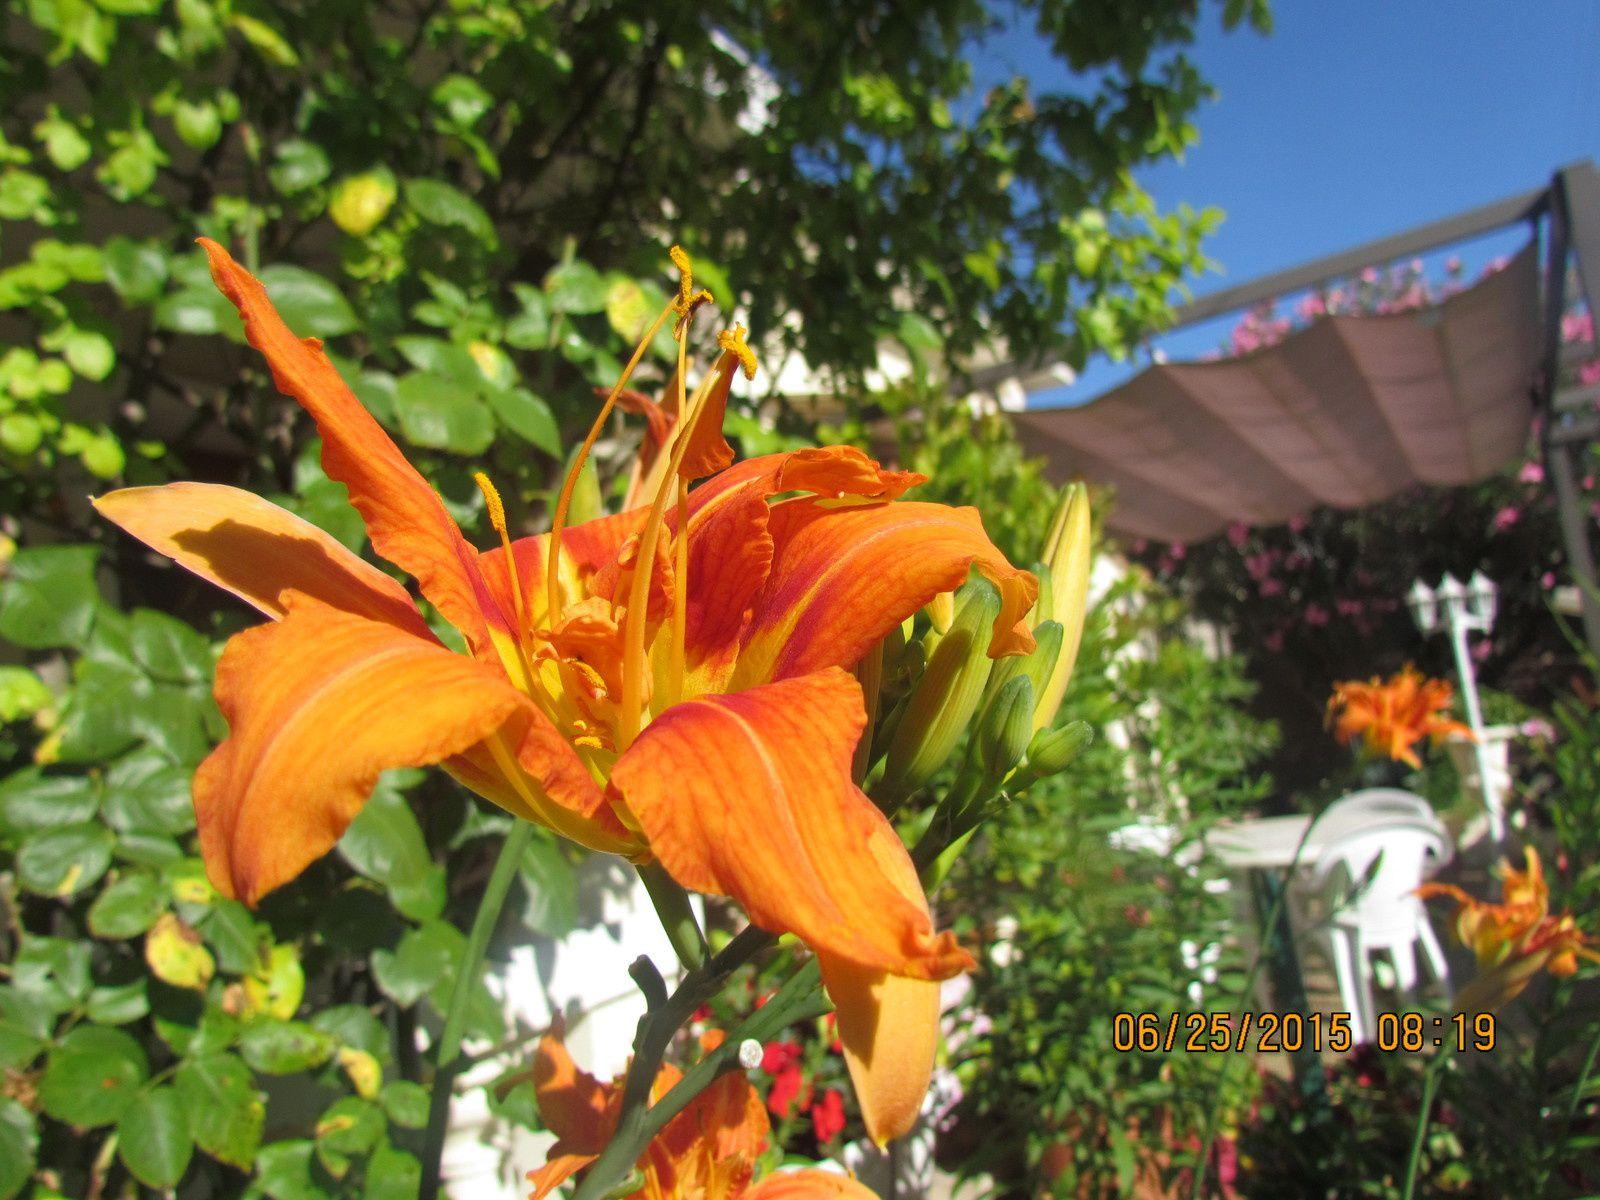 Mon jardin 2015 le blog de buquinp mosaiques et peinture for Jardin lune juillet 2015